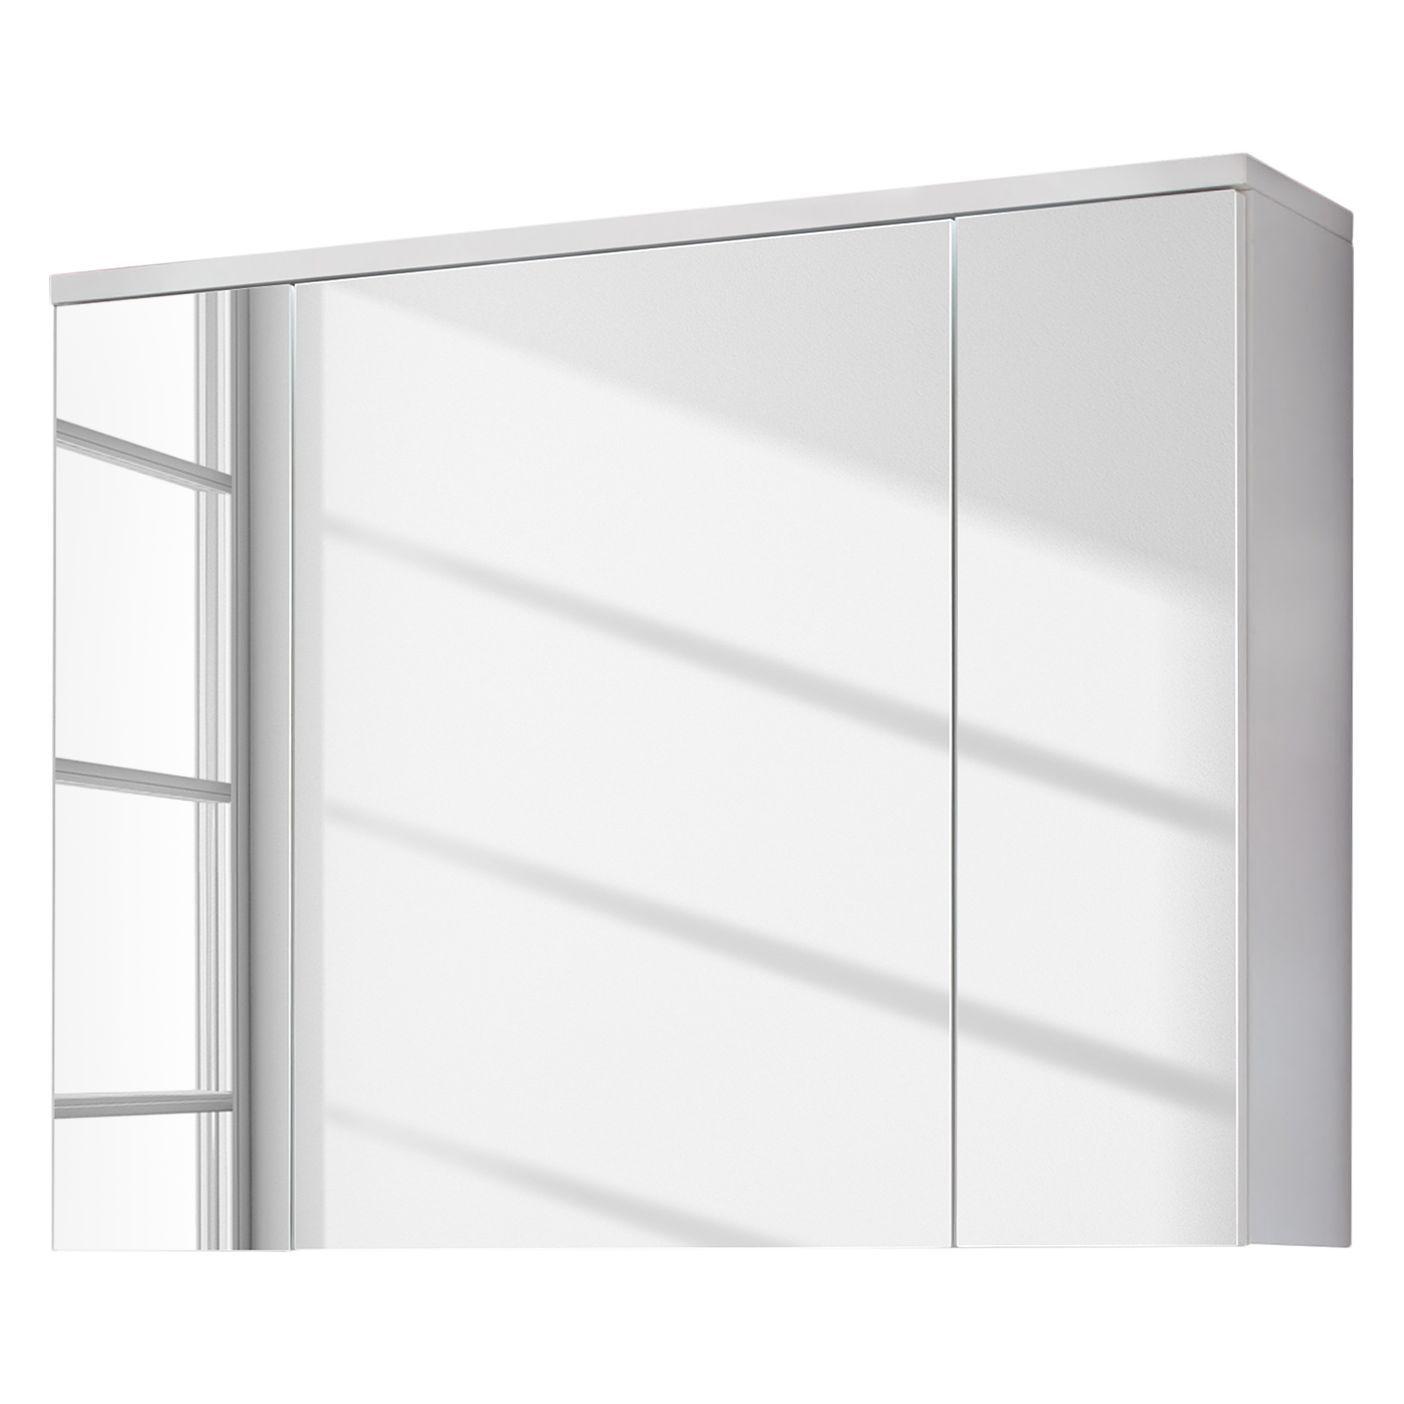 Einzigartig Spiegelschrank Ohne Beleuchtung Das Beste Von Adamo I - - Hochglanz Weiß /